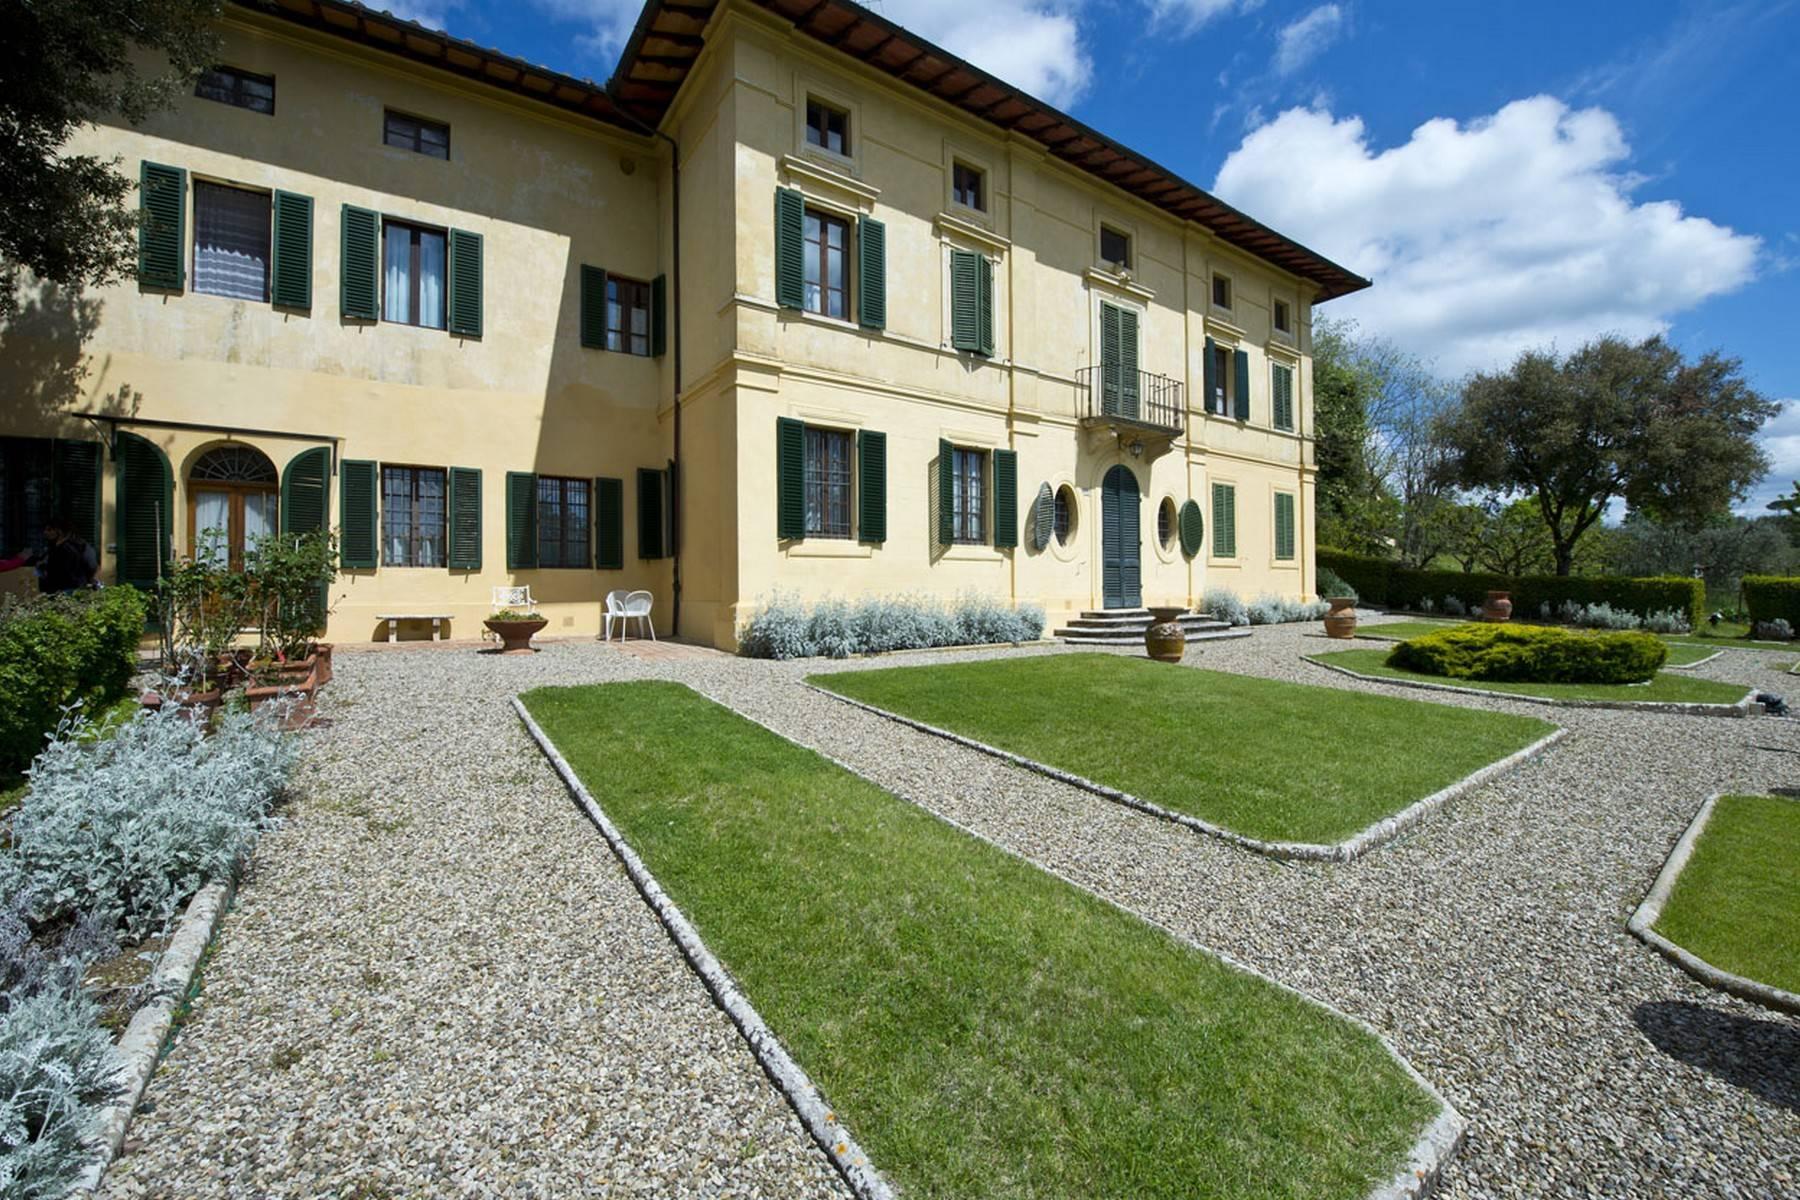 Spettacolare Villa Aristocratica alle Porte di Siena - 2